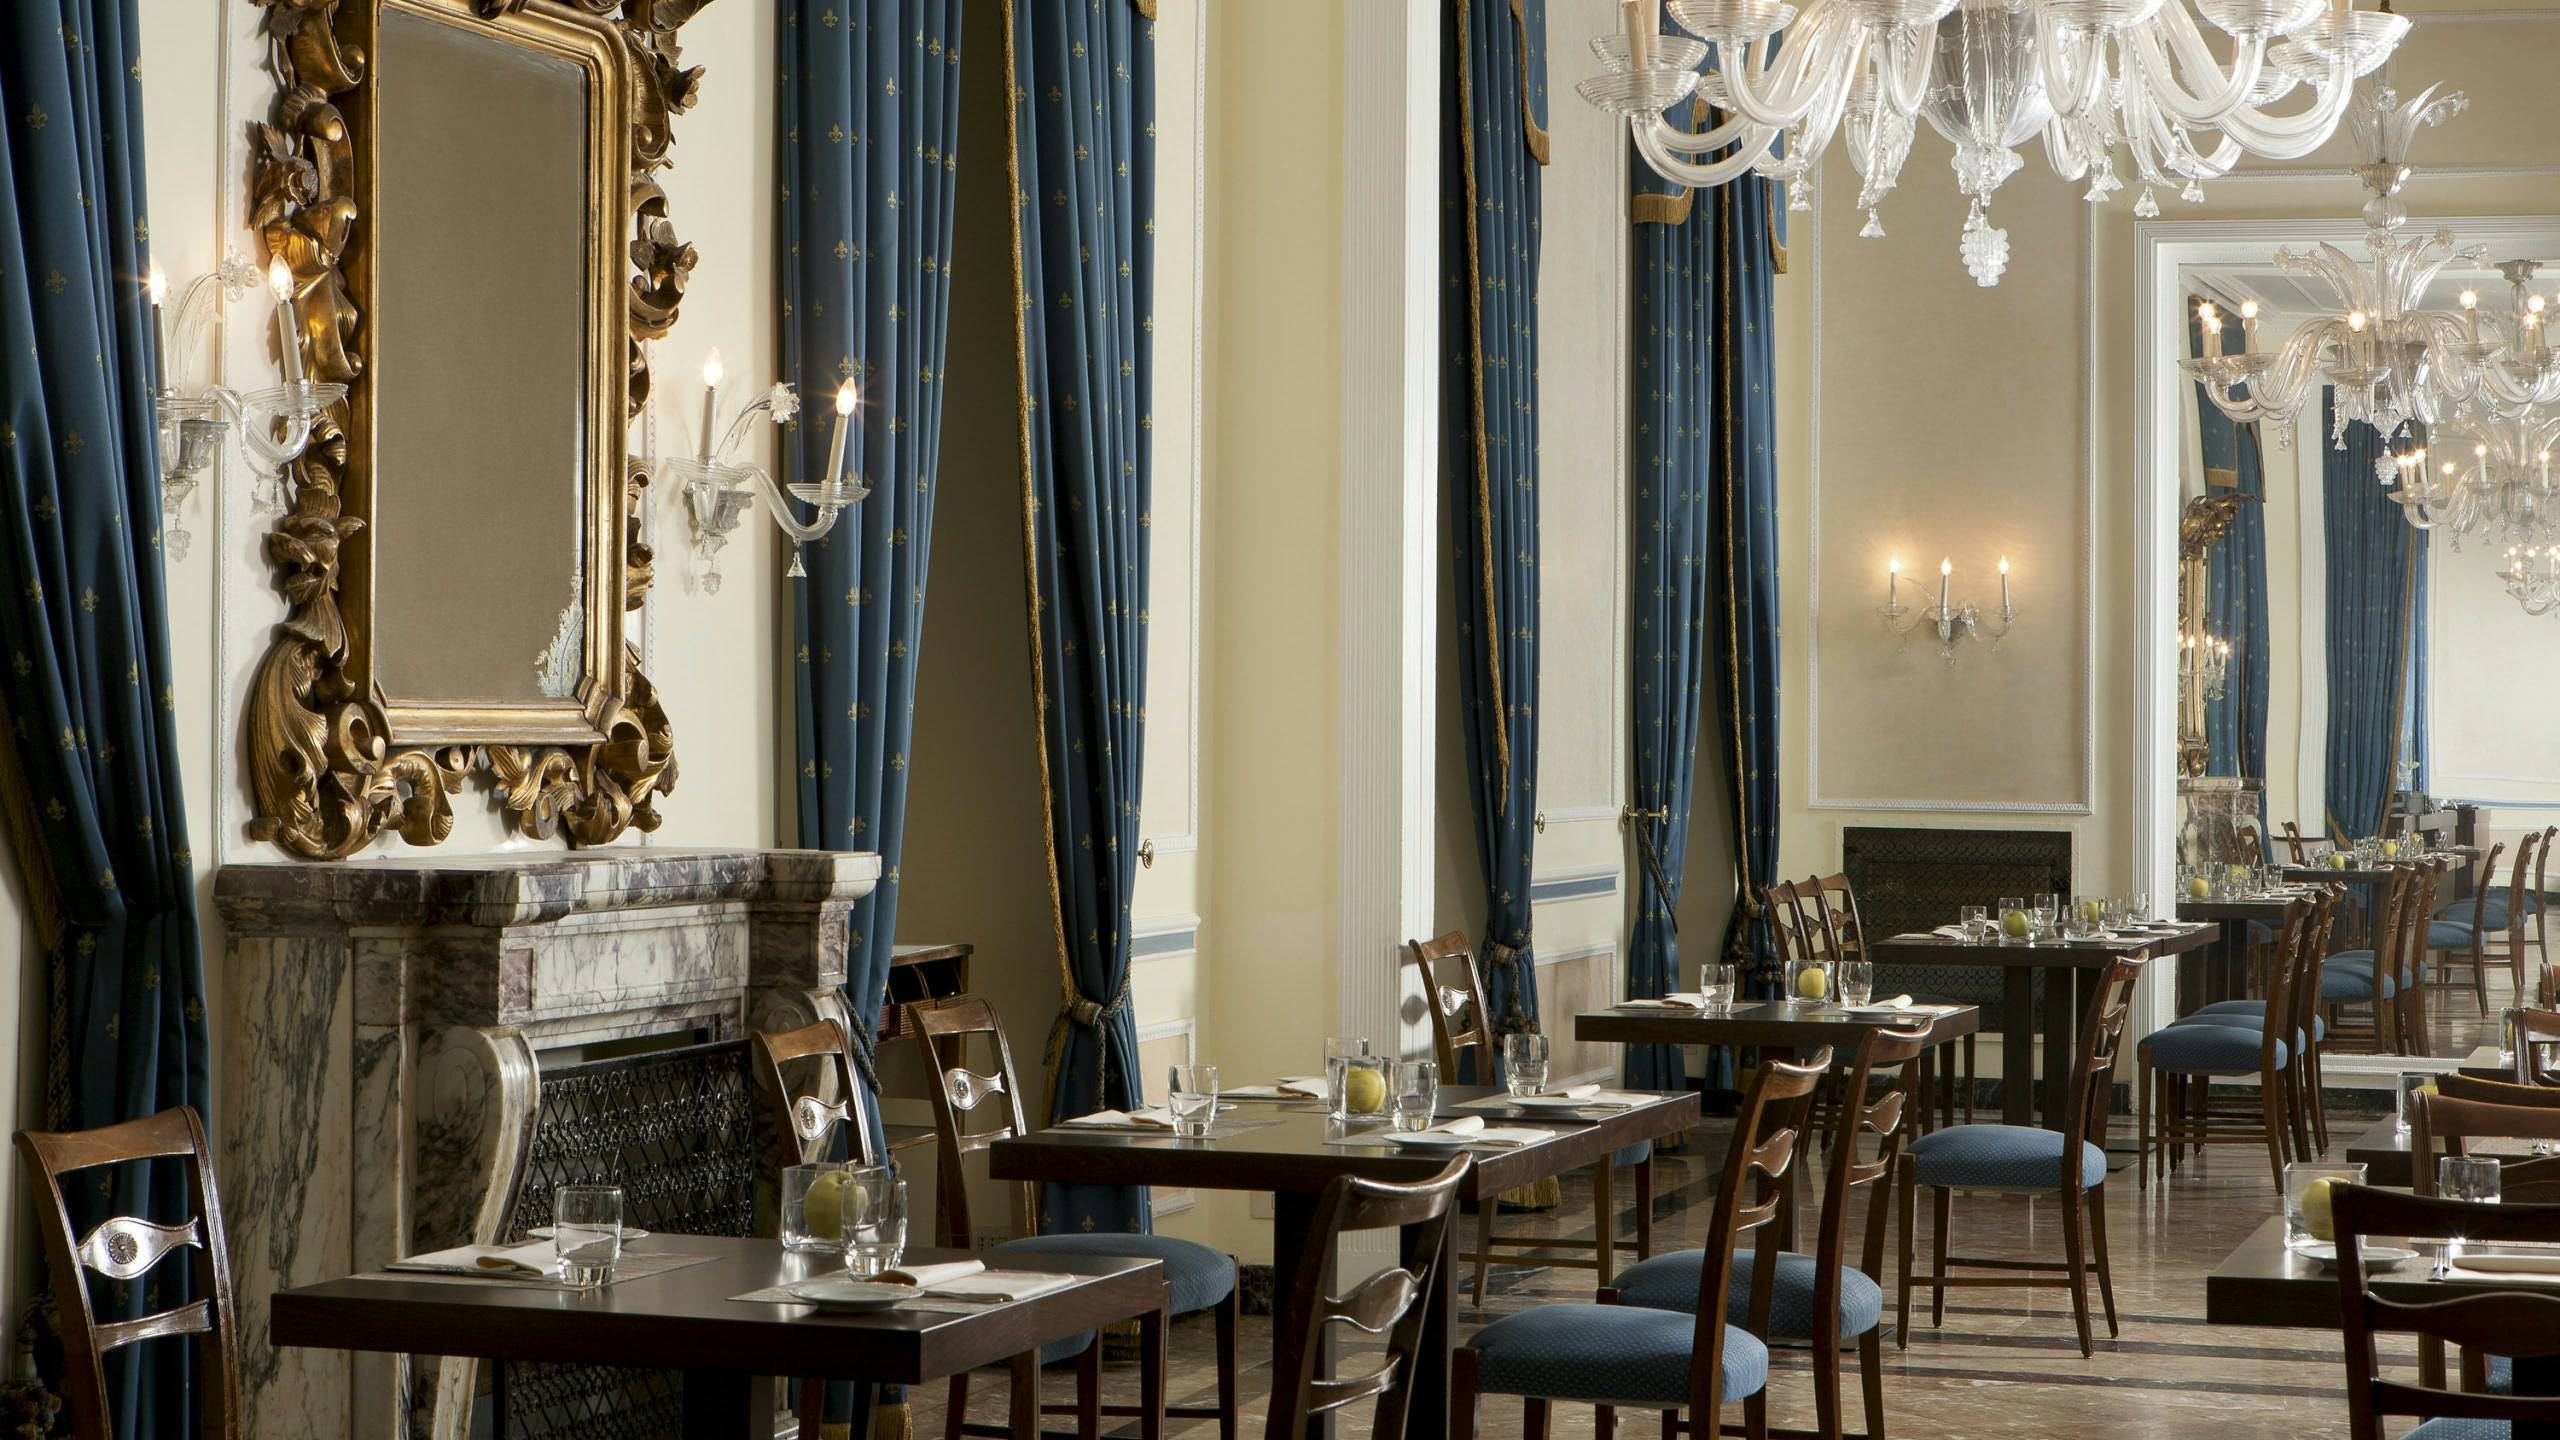 Hotel-Quirinale-Roma-ristorante-rossini